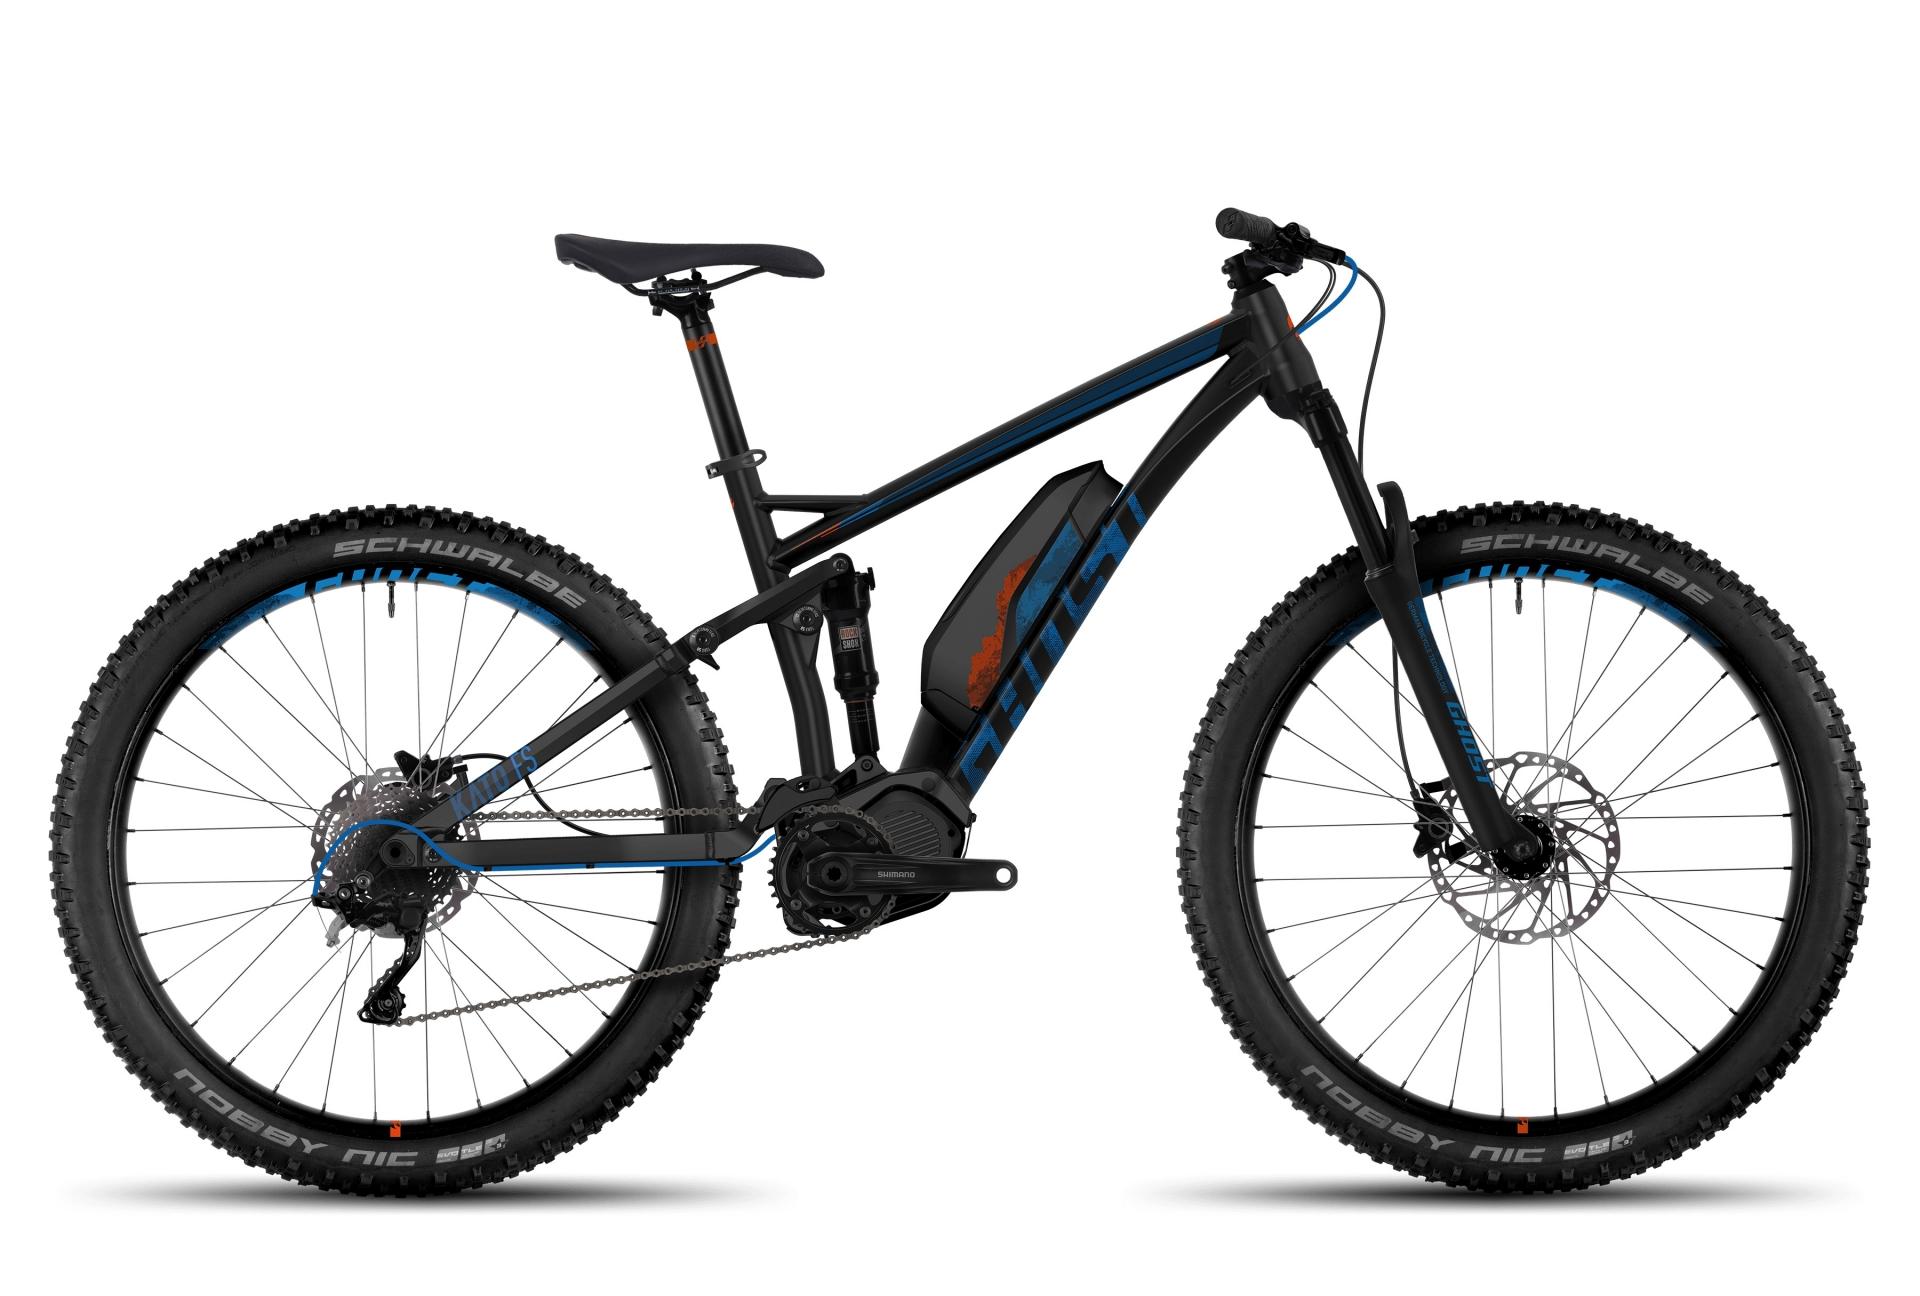 VTT électrique Ghost Kato FS 4 AL 27.5 + Noir / Bleu - L